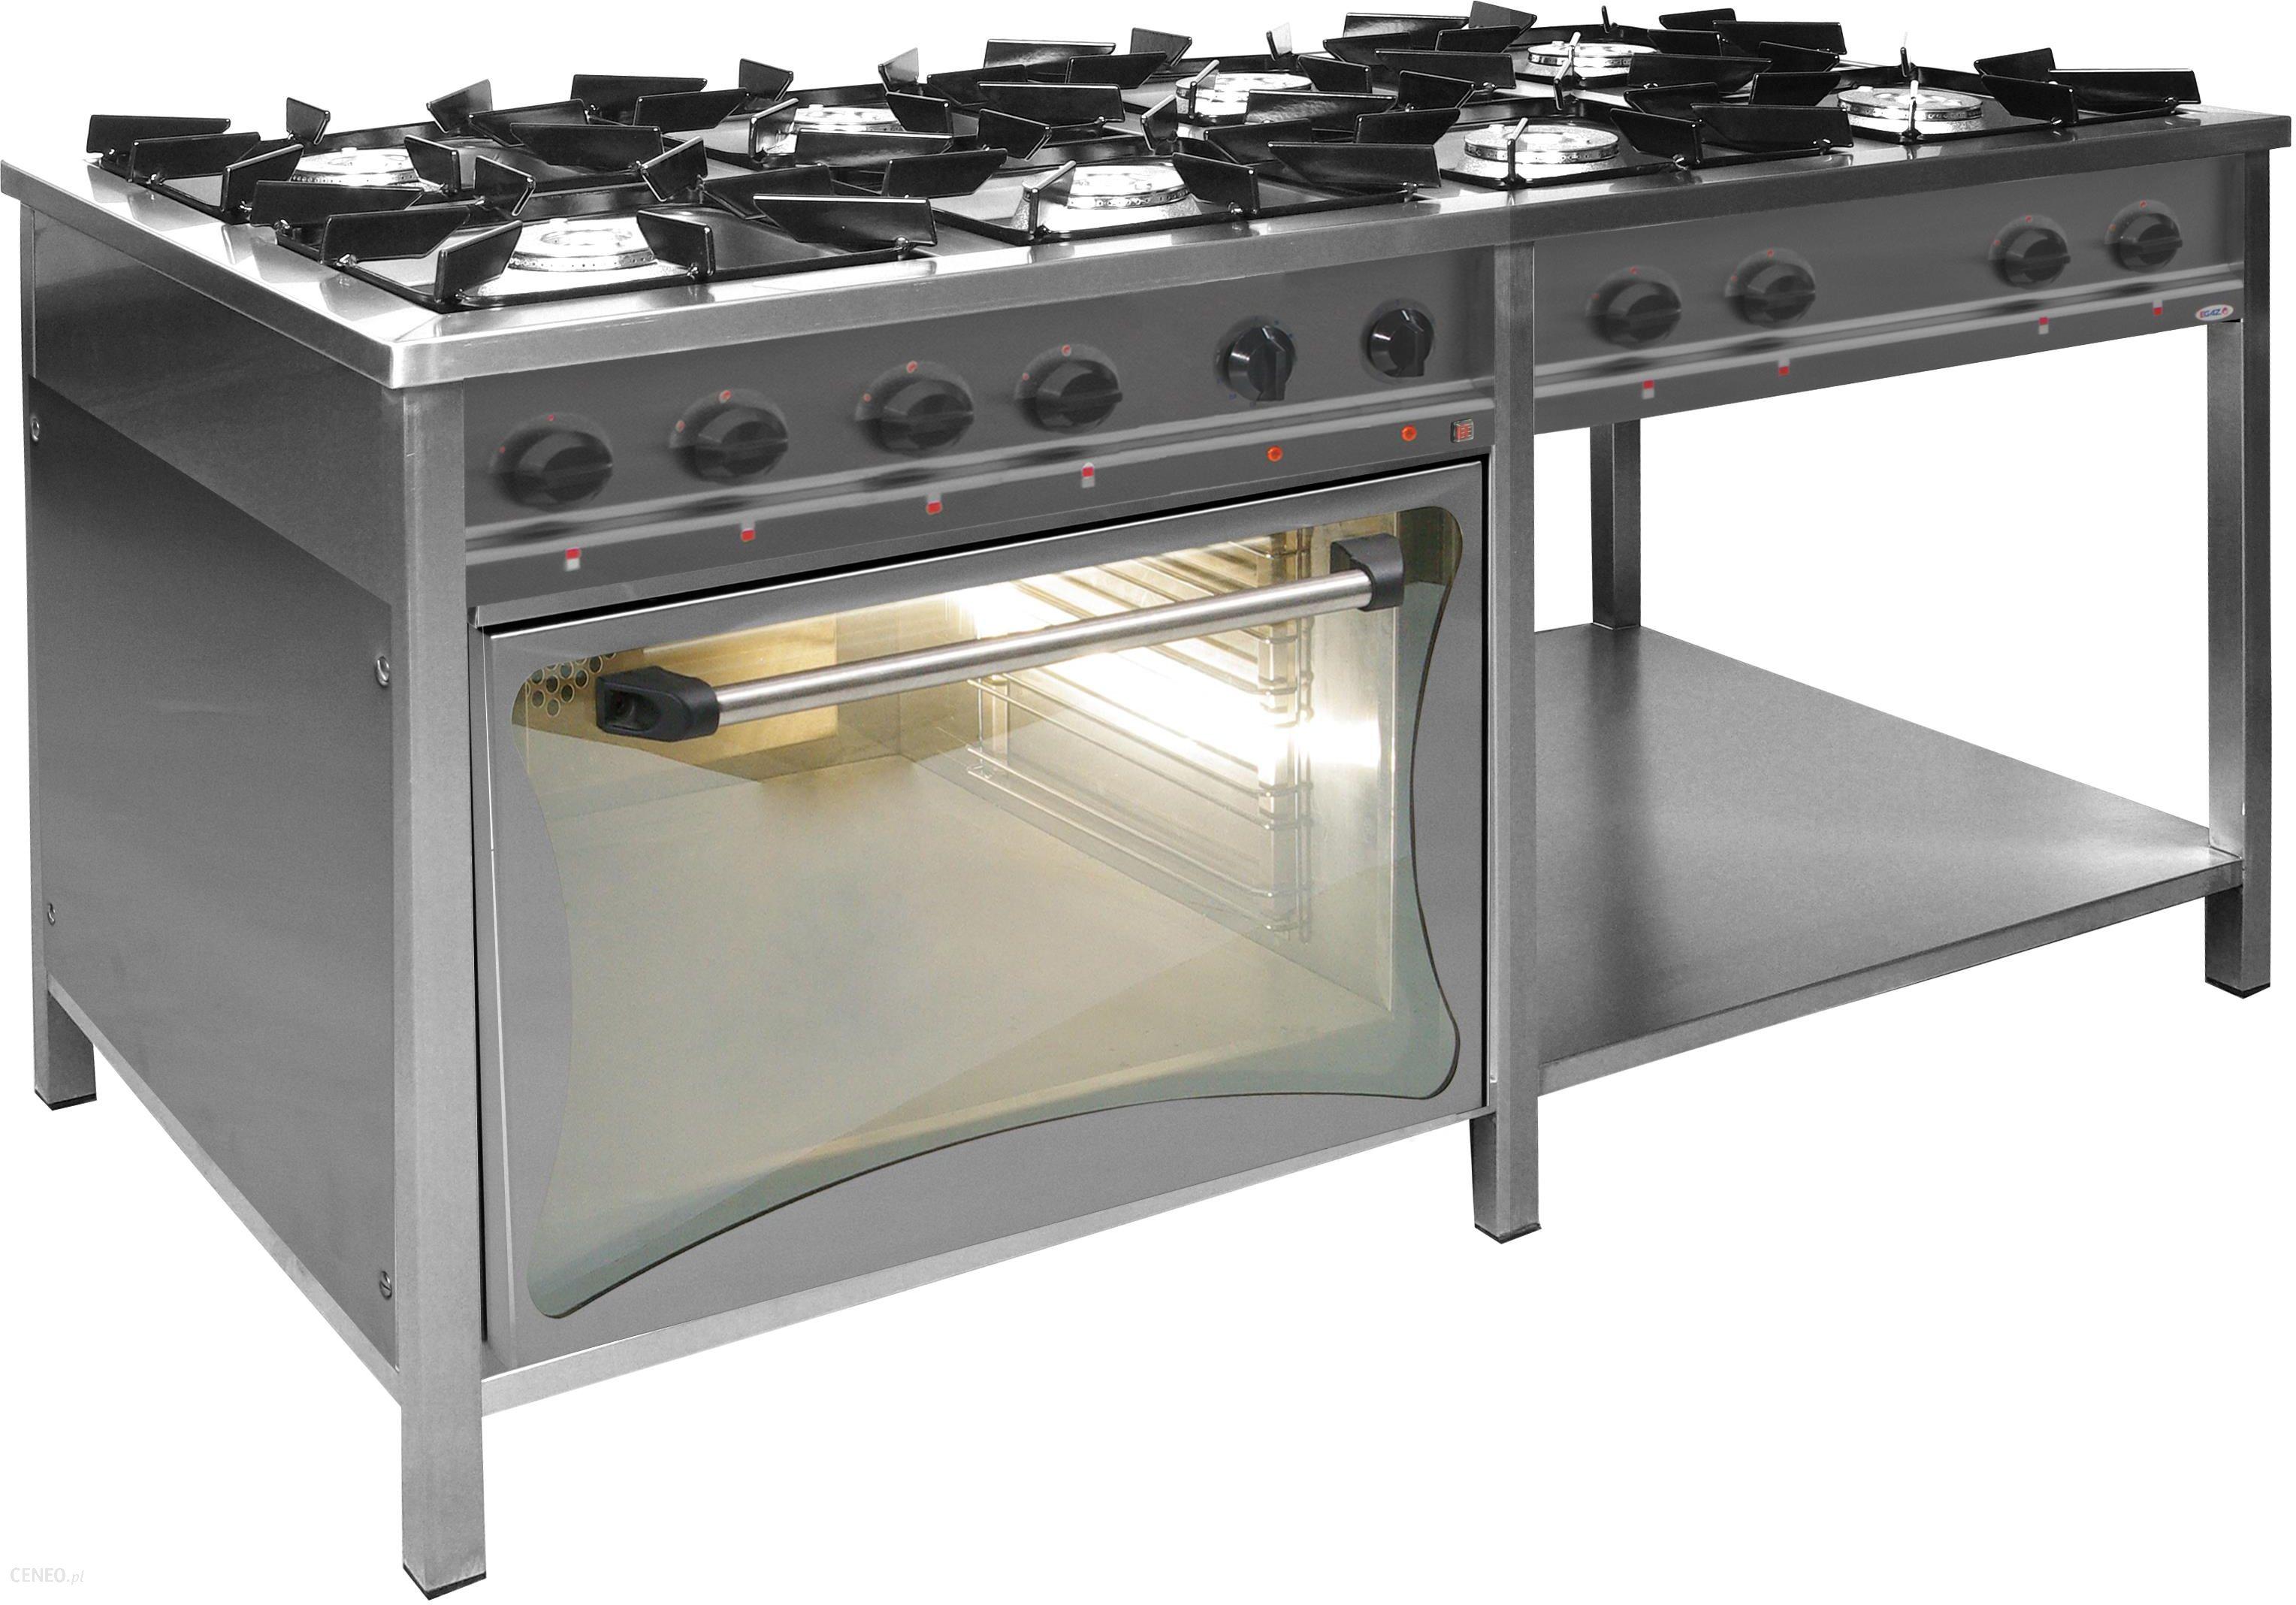 Egaz Kuchnia Gazowa 8 Palnikowa Z Piekarnikiem Elektrycznym 483 Kw